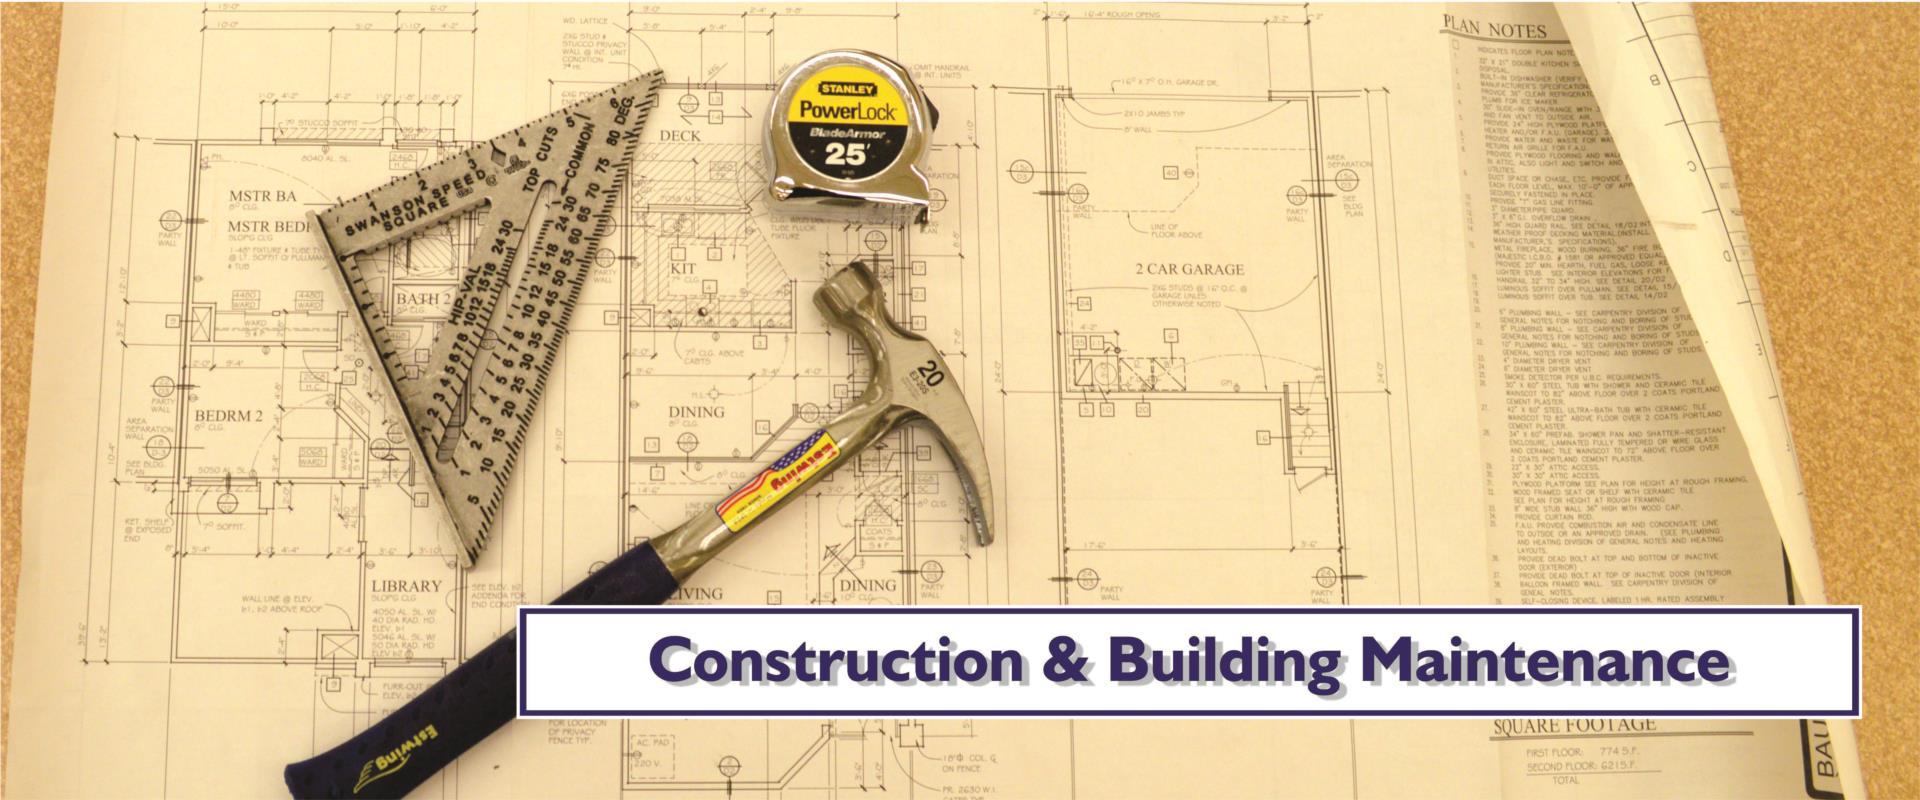 Construction & Building Maintenance